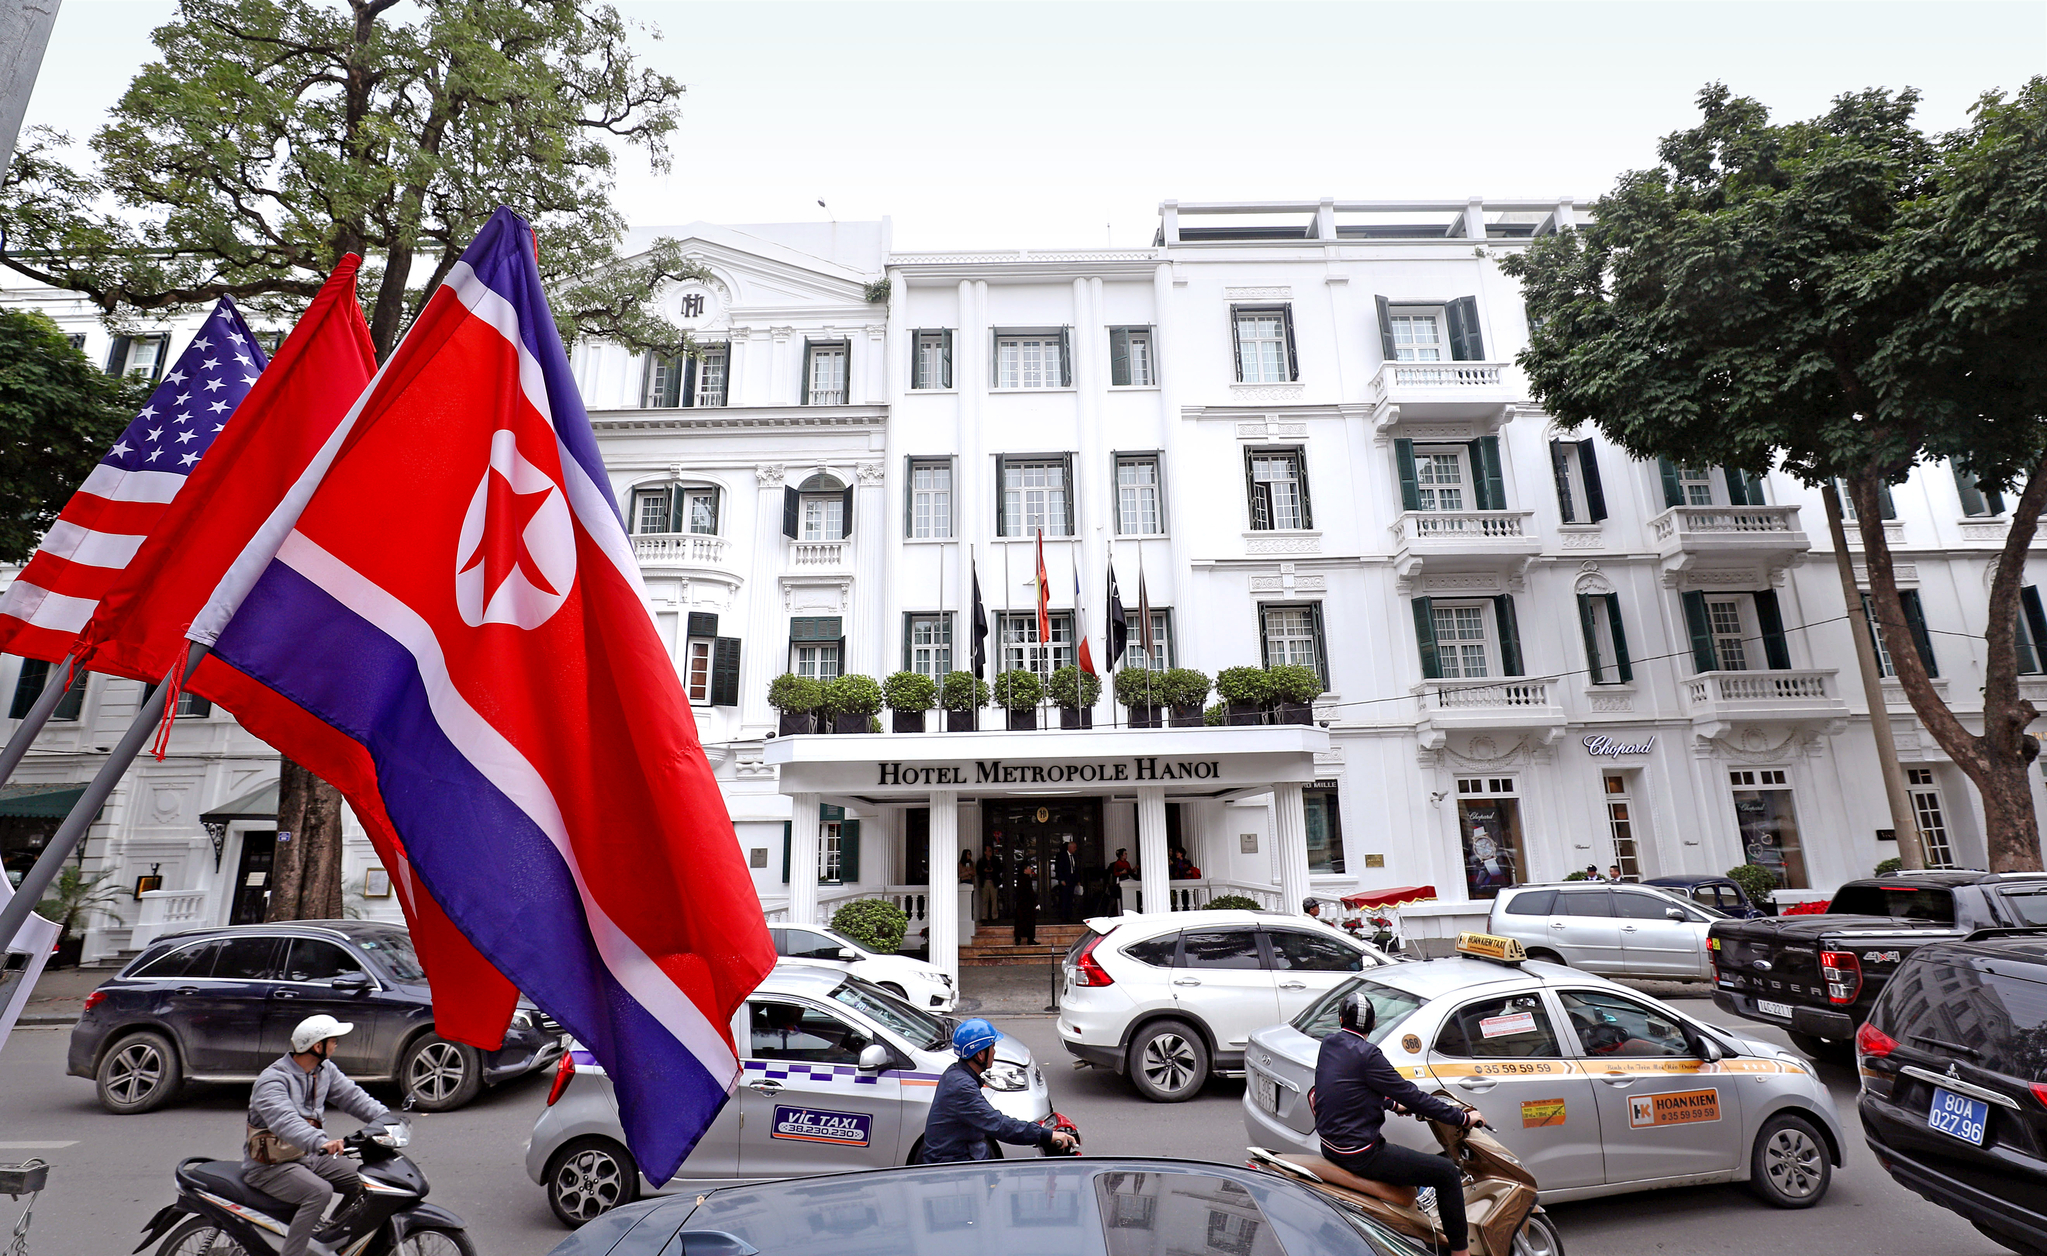 제2차 북미정상회담장인 베트남 하노이 메트로폴호텔 앞에 미국 성조기와 북한 인공기, 베트남 금성홍기가 걸려있다. [뉴스1]